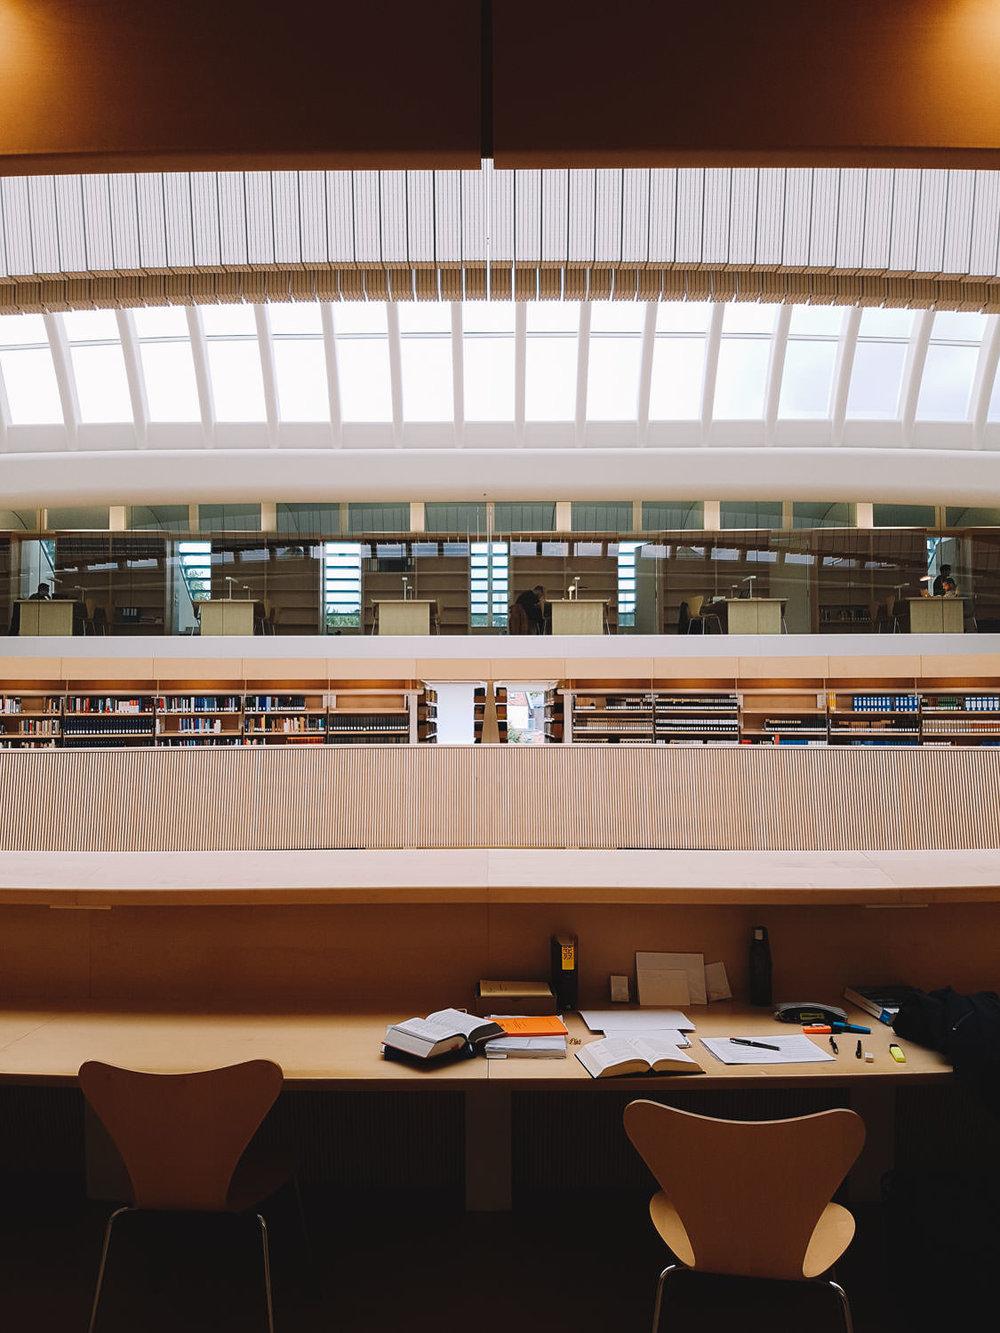 road-trip-2883-km-11-Bibliothek-der-Rechtswissenschaftlichen-Fakultät-der-Universität-Zürich-trilastiko-architecture.jpg